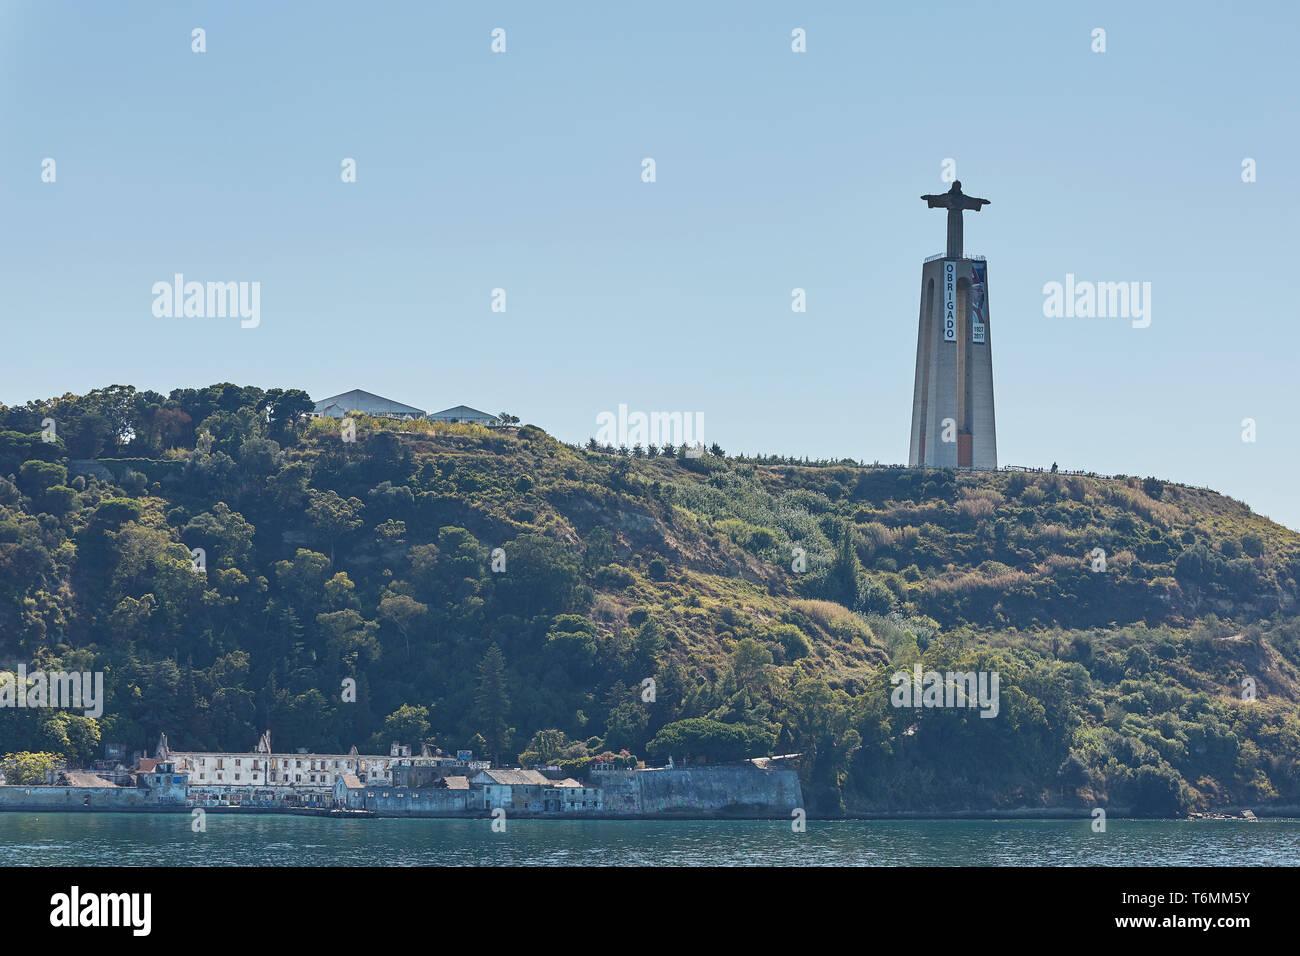 Lissabon/Portugal - Oktober 02, 2017: Katholische Denkmal der Cristo Rei oder Christus, der König. Aus einer Entfernung von Almada, Lissabon, Portugal gesehen Stockbild